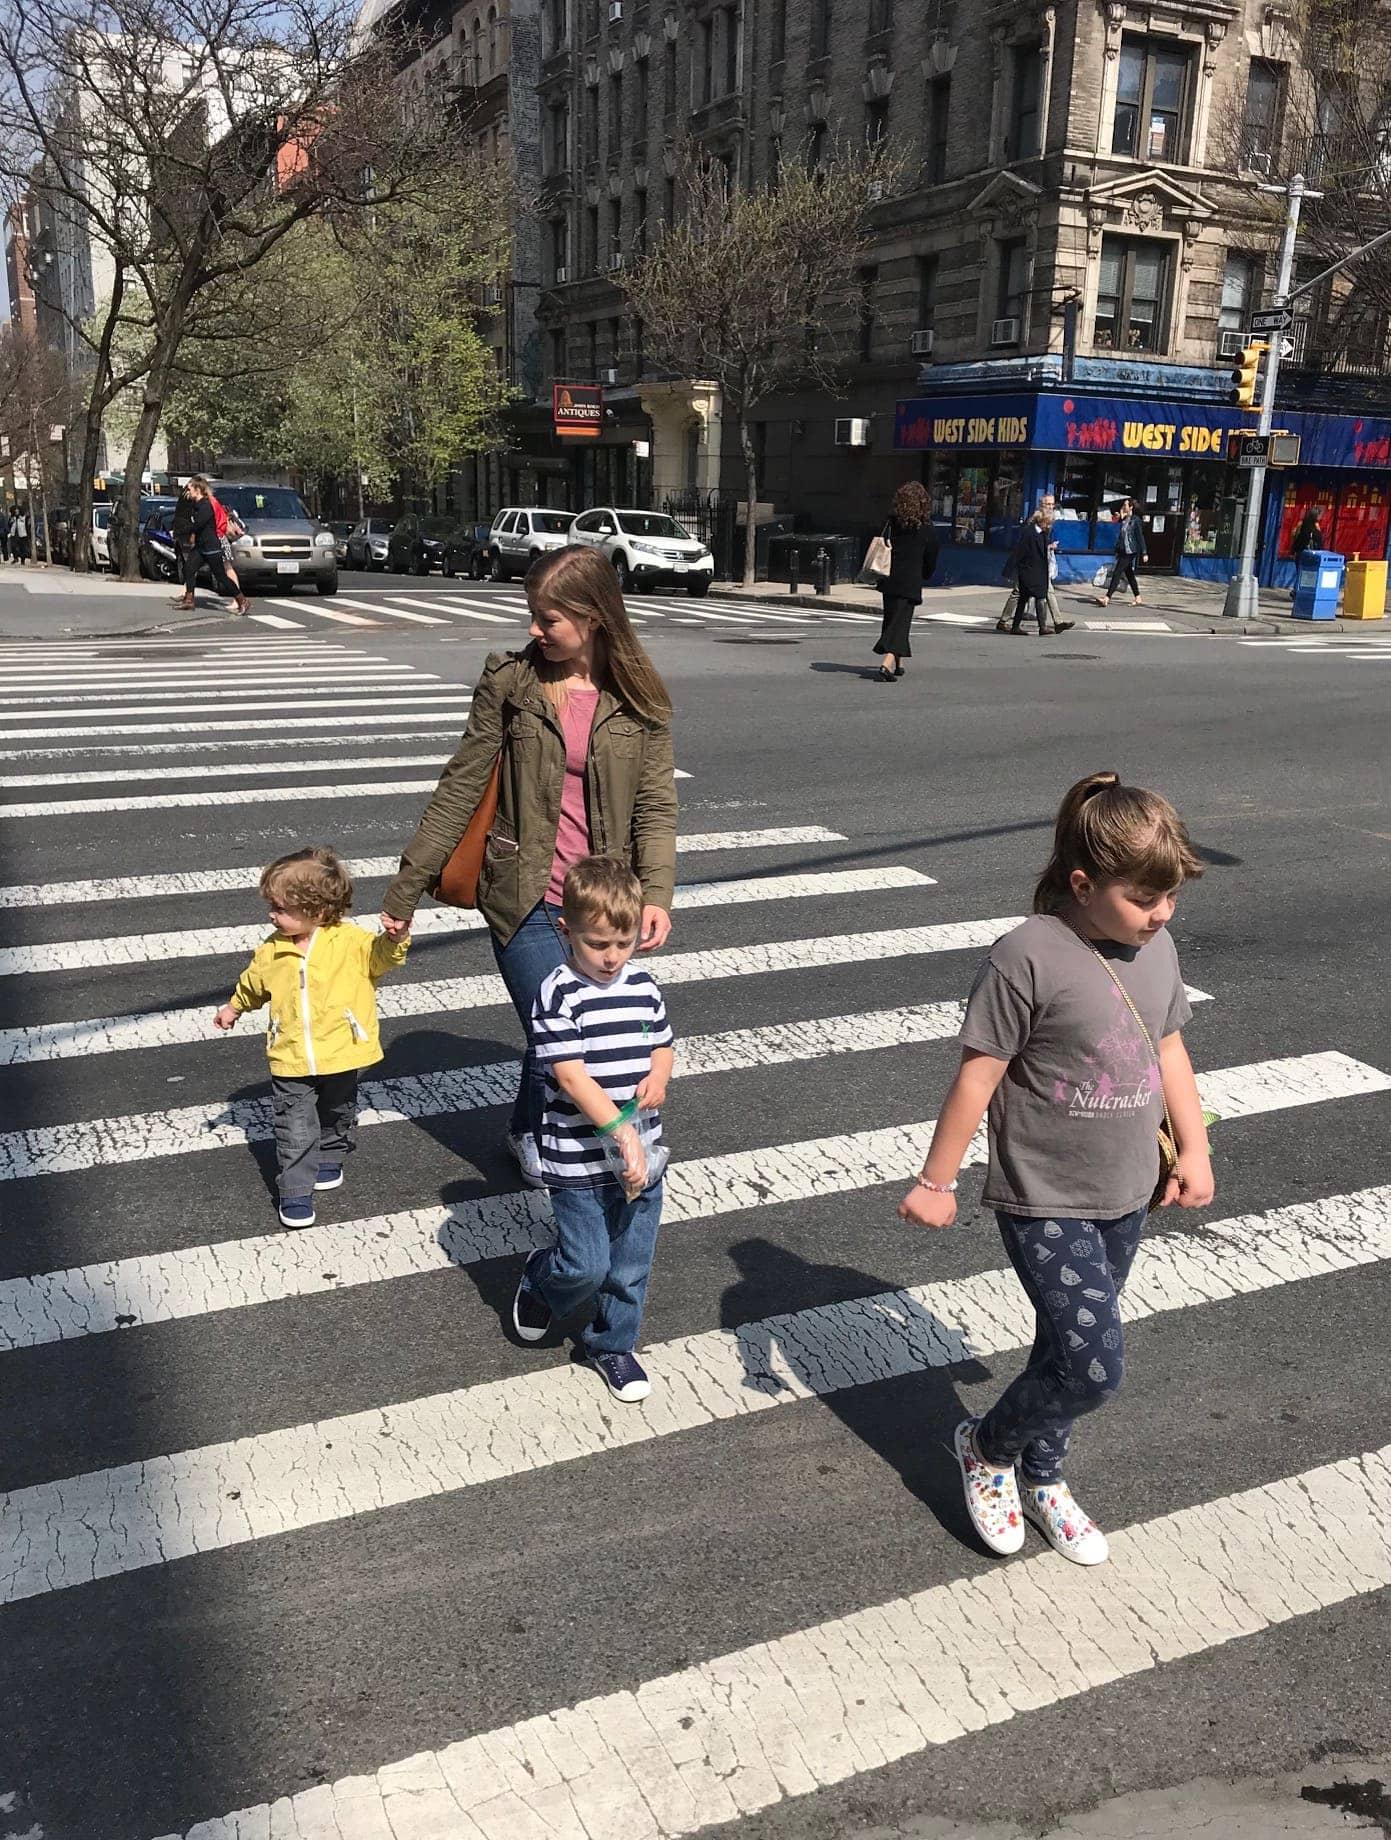 Lauren and the kids walking across the street